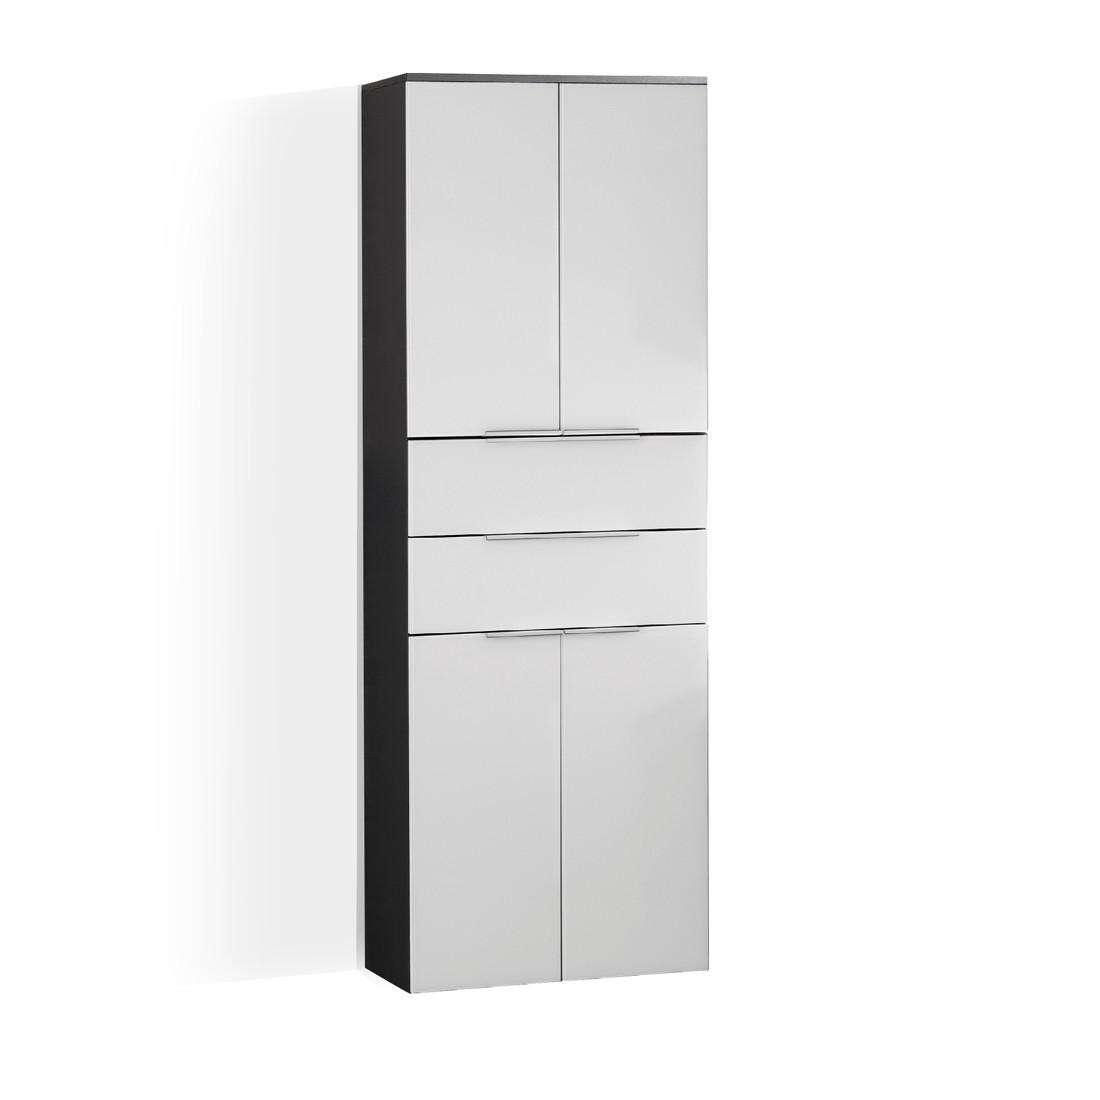 Kara Hochschrank - Weiß/Anthrazit